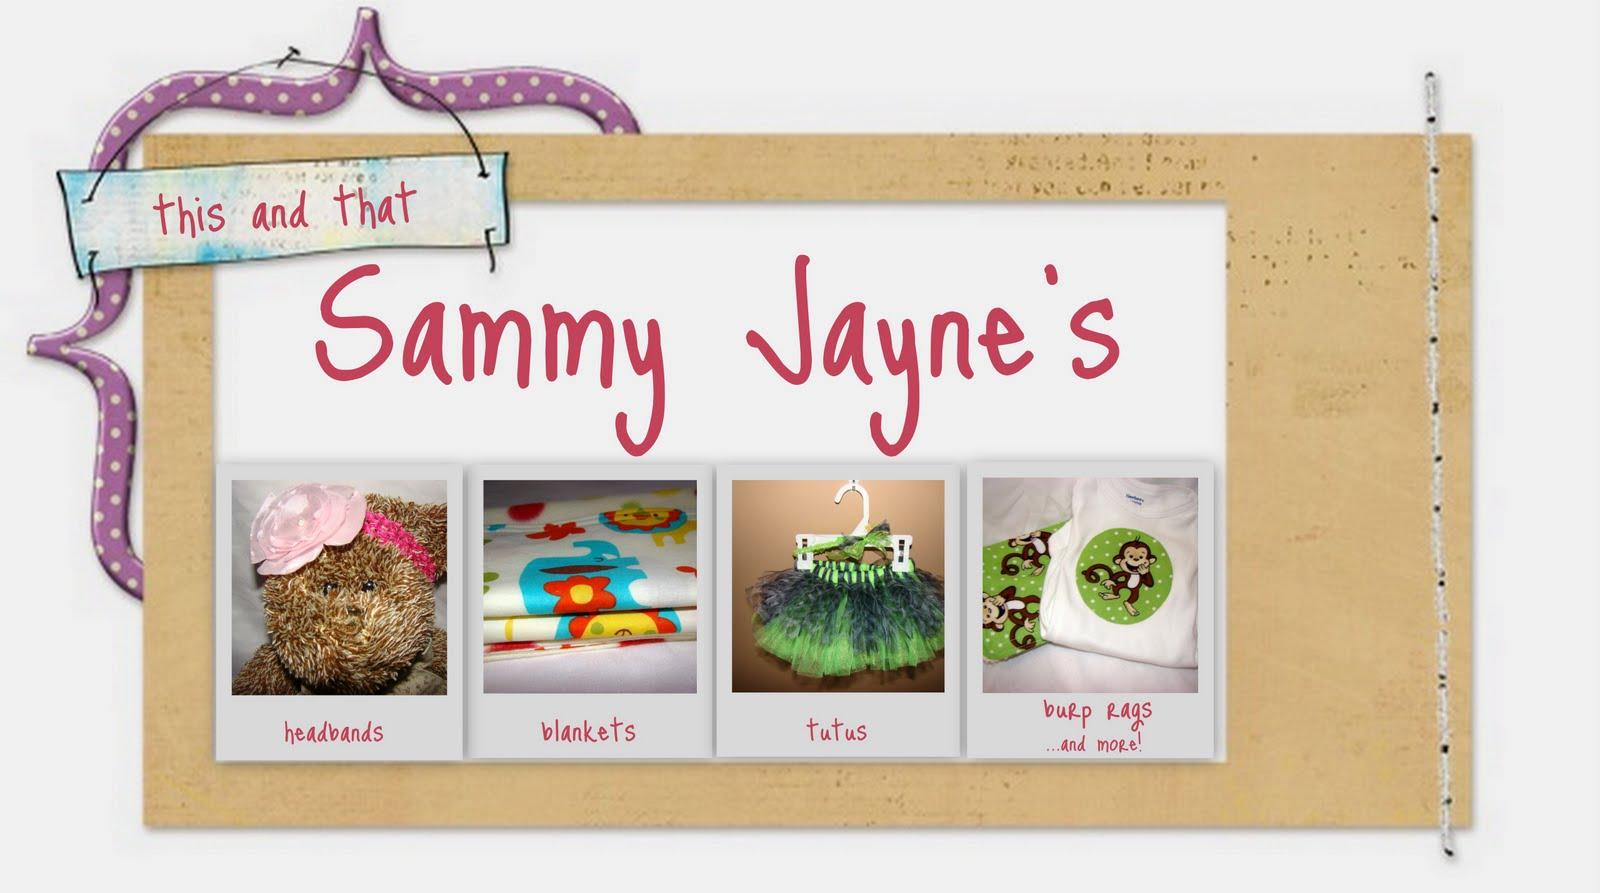 Sammy Jayne's